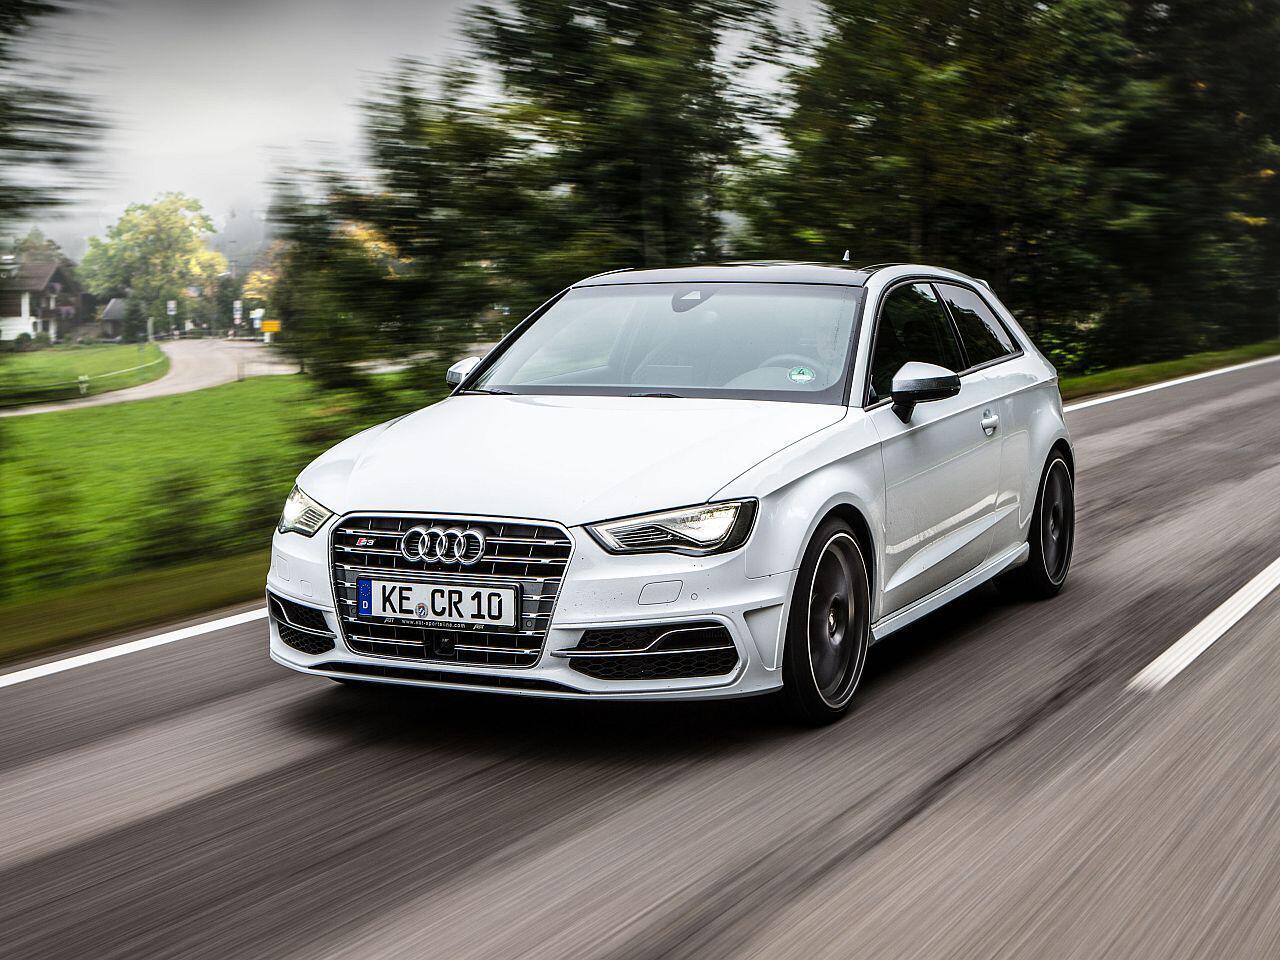 Bild zu Audi S3 von Abt Sportsline: Mehr Power für den Ingolstädter